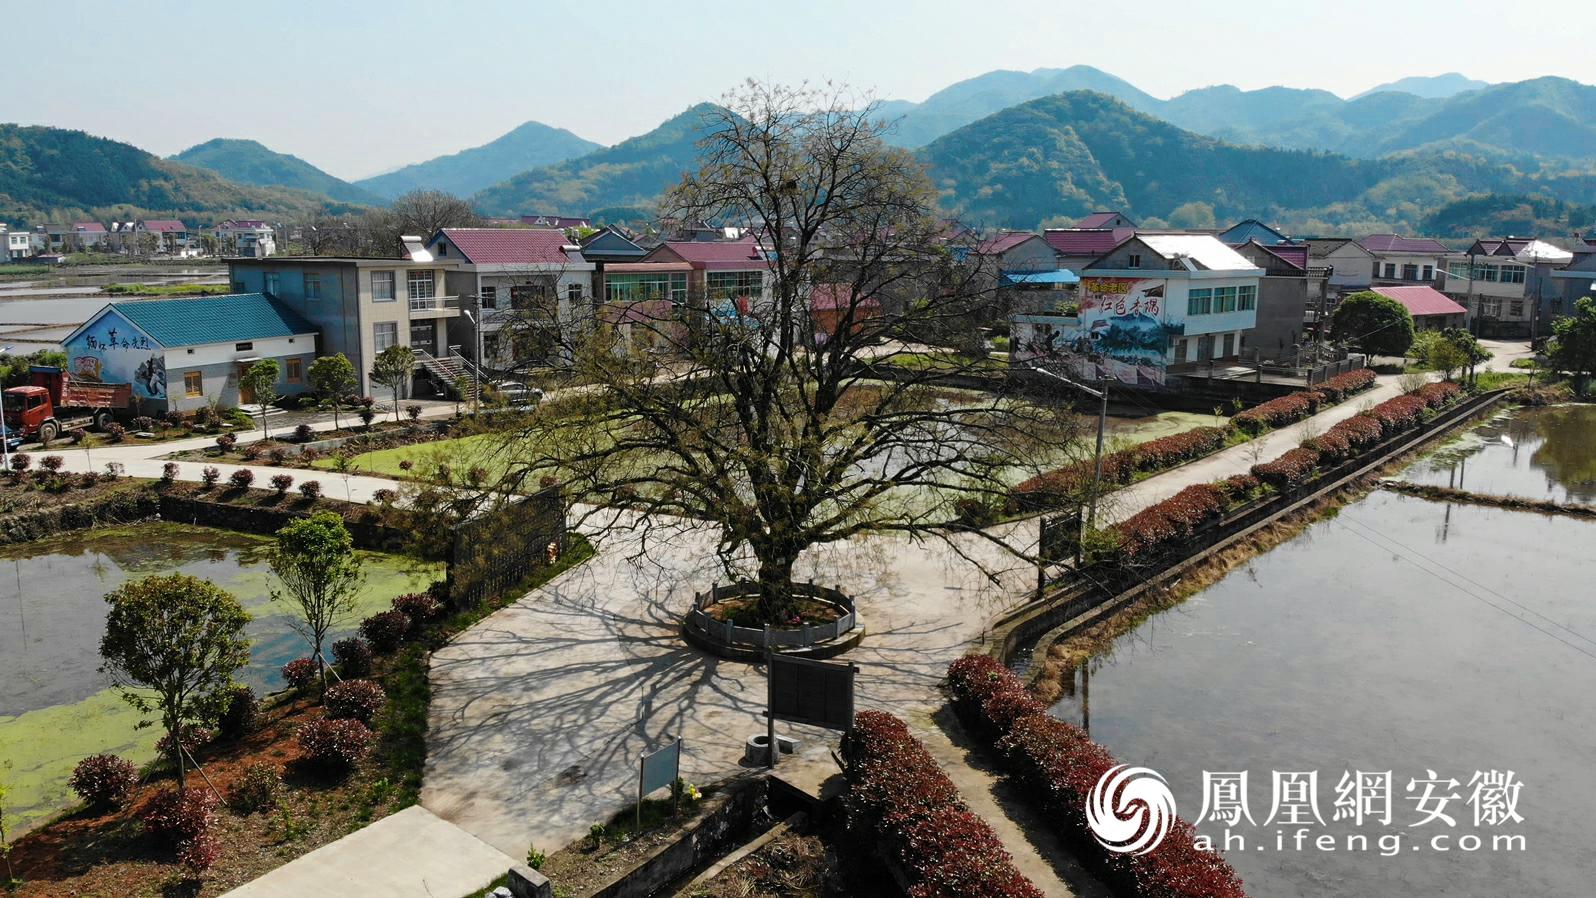 合延村烈士树